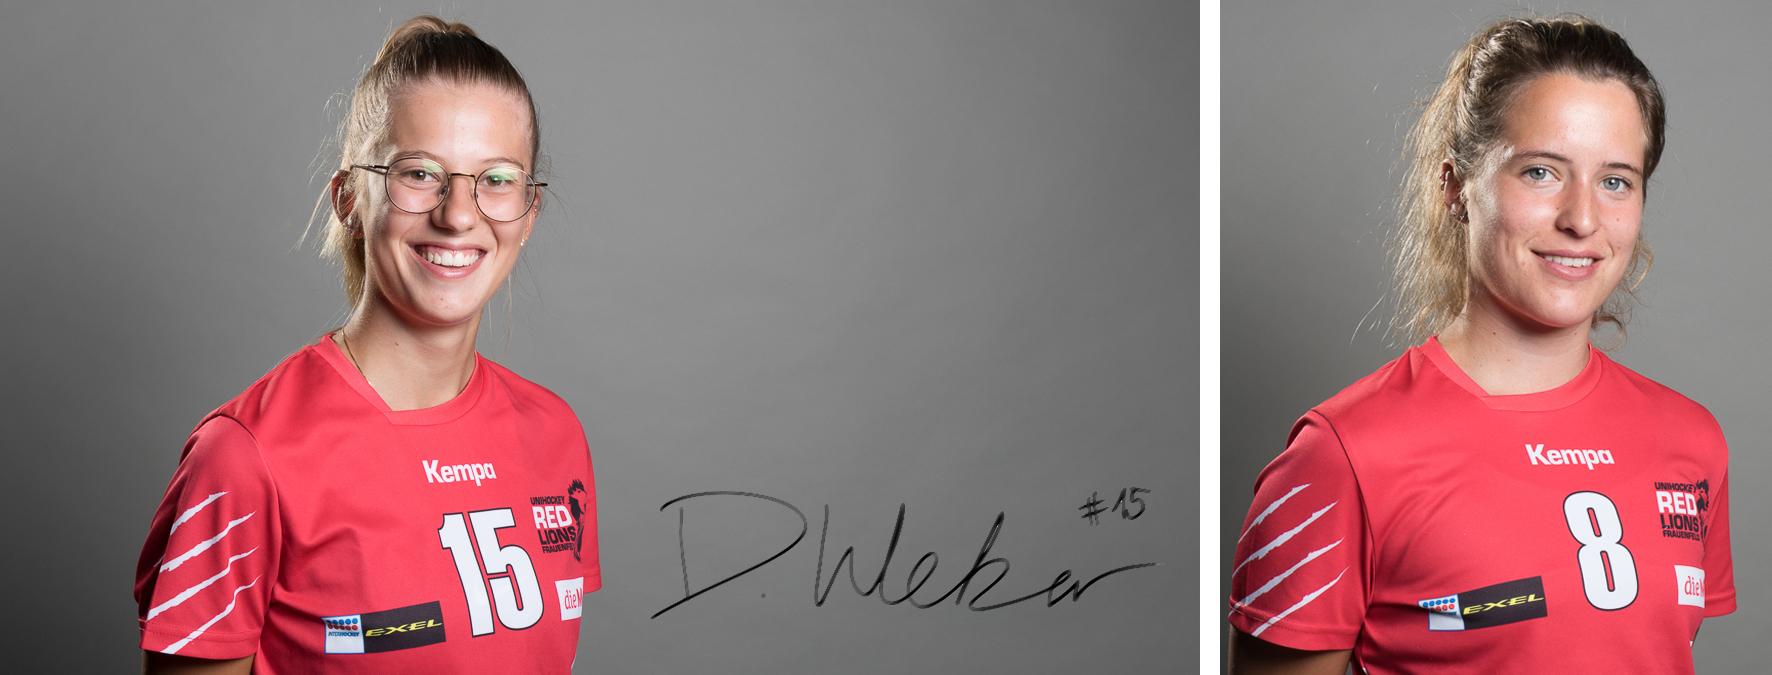 Damaris Weber hat sich in der vergangenen Saison zur Leaderin entwickelt. Letzte Saison kehrte Michèle Diethelm wieder zu den Frauenfelderinnen zurück.